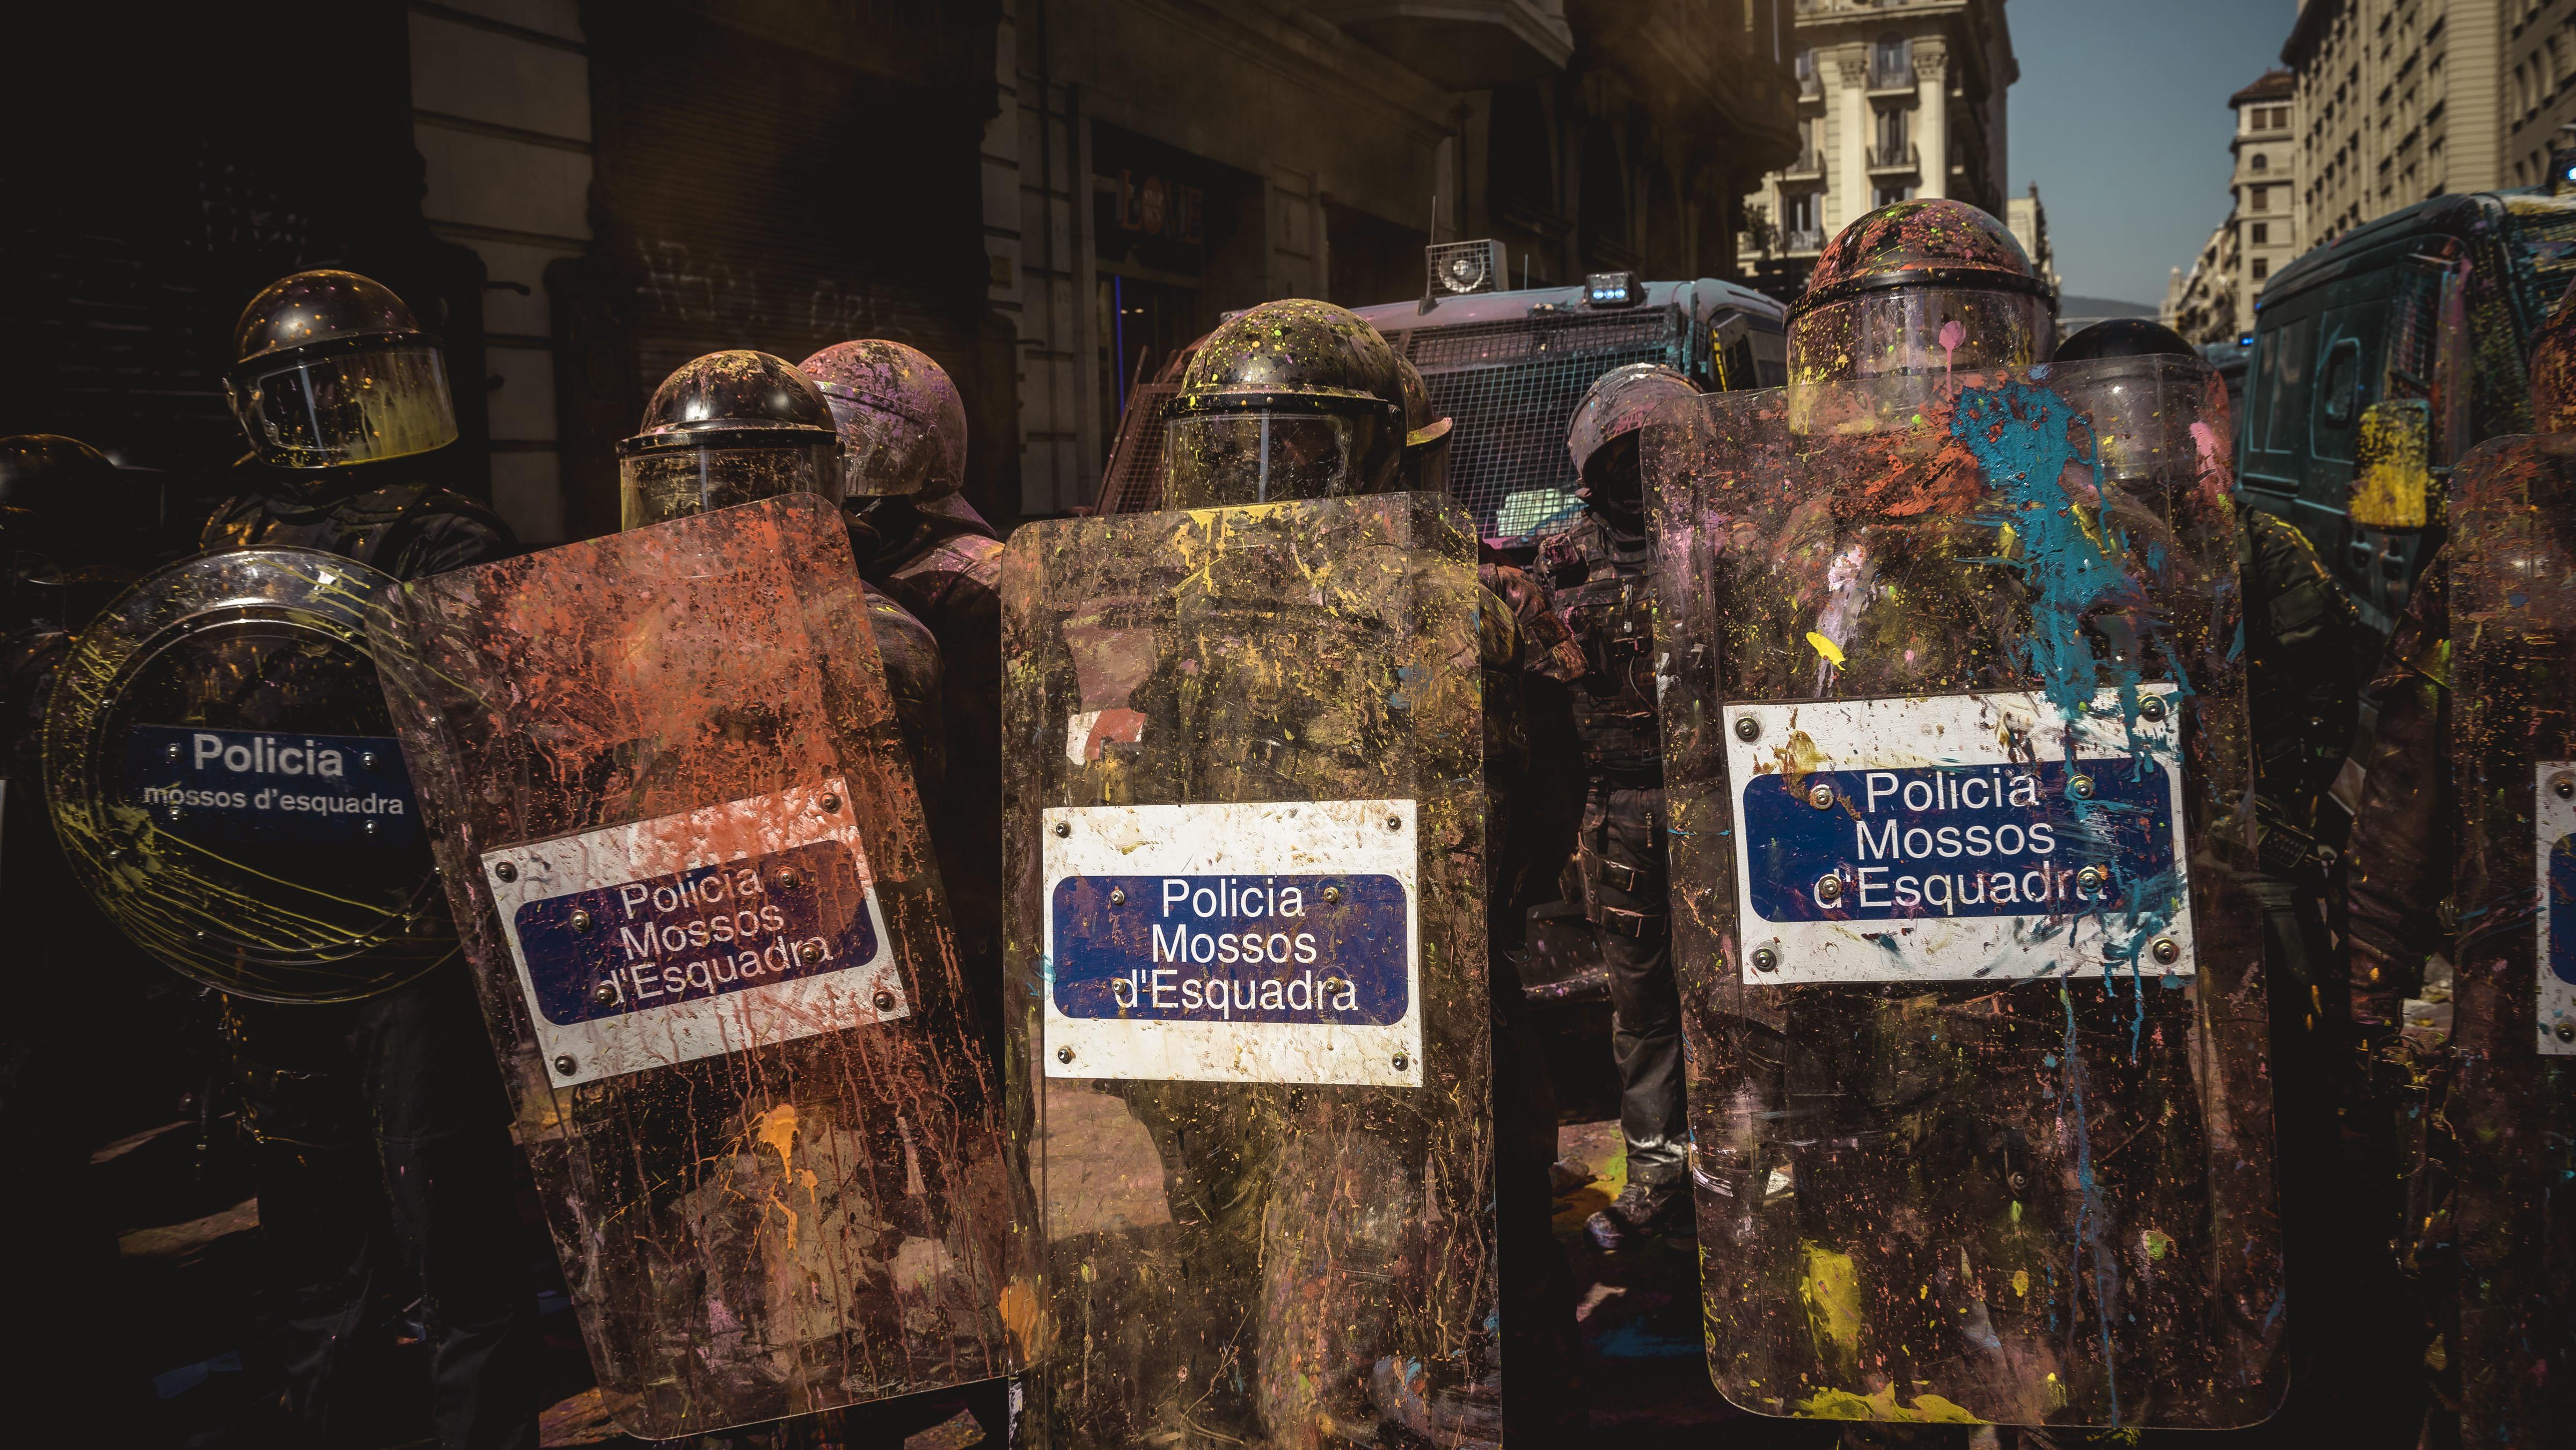 Katalanische Polizisten, die mit Farbbeuteln beworfen wurden